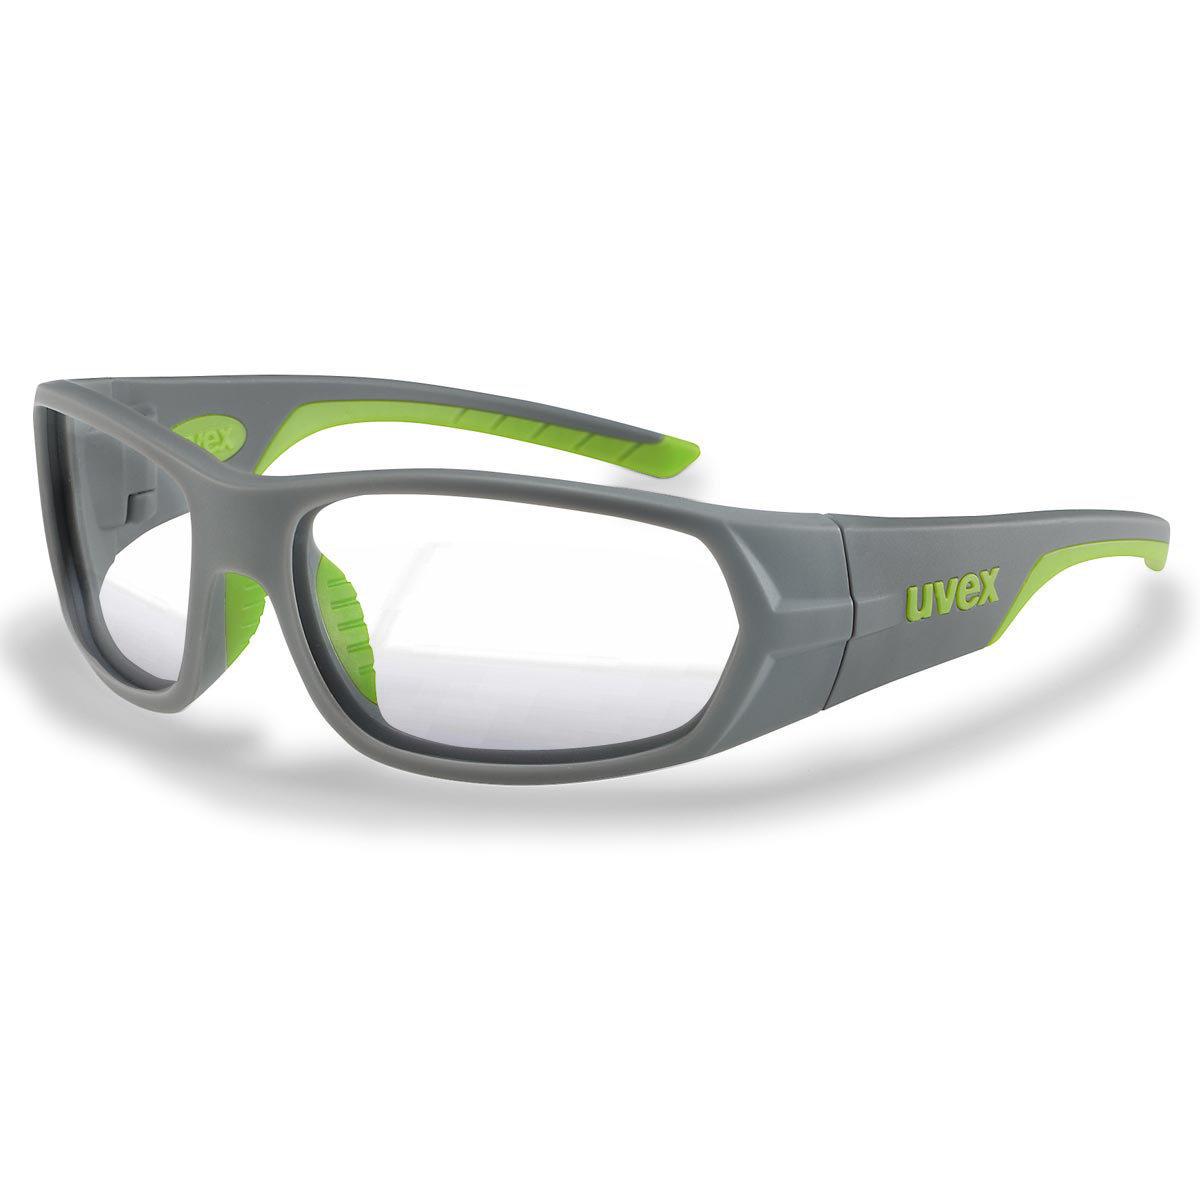 Uvex Korrektionsschutzbrille RX sp 5513 - Super-Entspiegelung